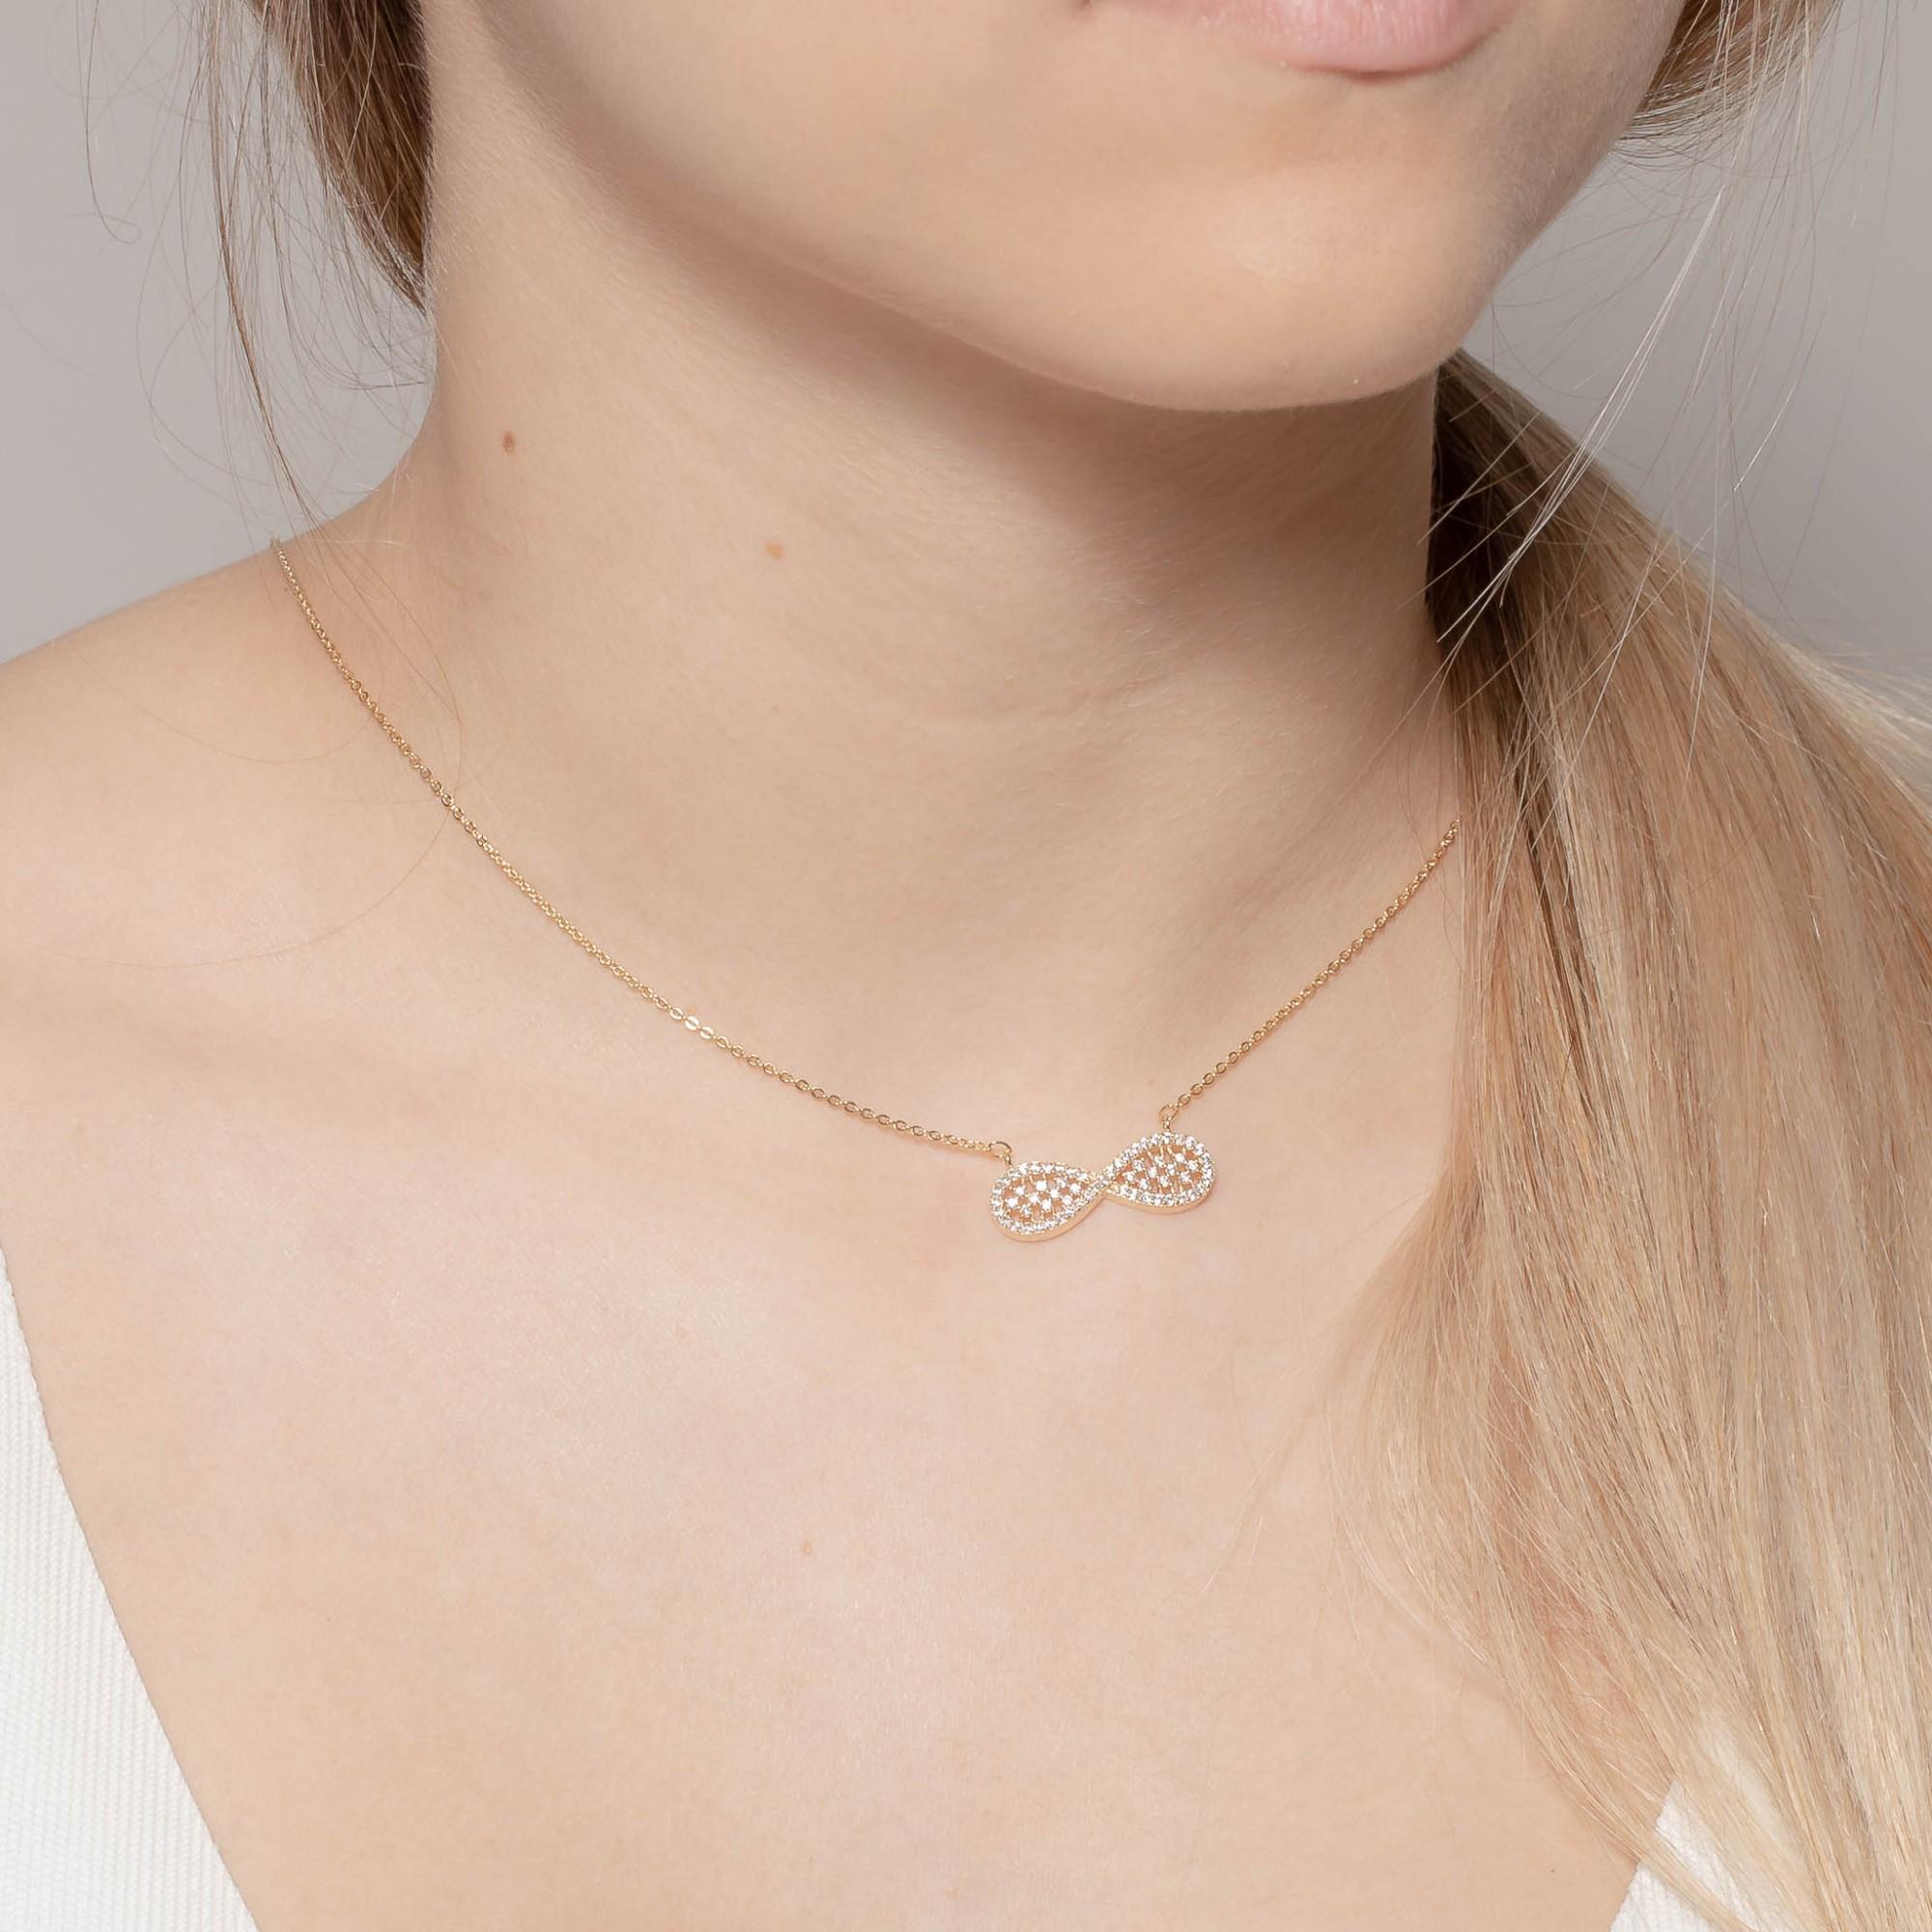 Colar com pendente infinito cravejado com micro zircônias banhado a ouro 18k.  - bfdecor.com.br